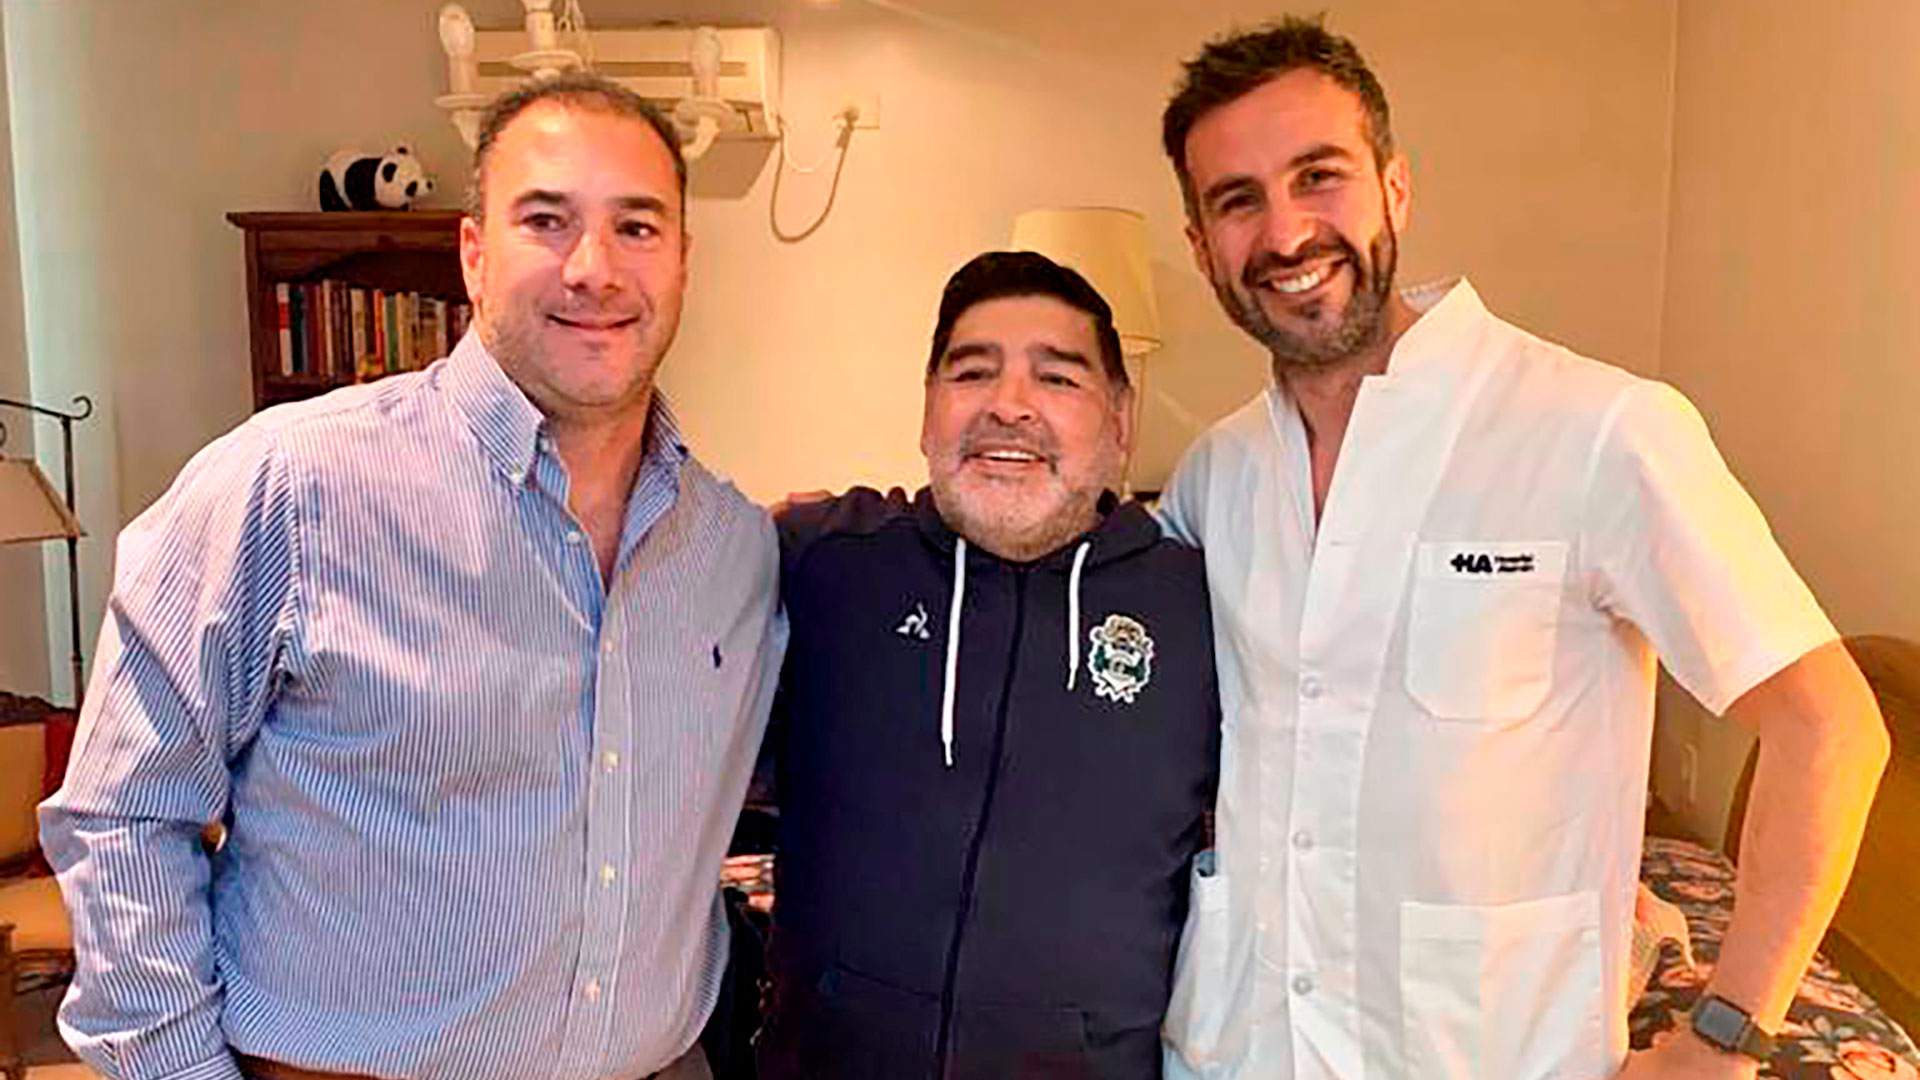 """El crudo diagnóstico del médico de Maradona: """"Diego está limpio de cocaína,  pero tiene momentos de excesos de alcohol"""" - Infobae"""